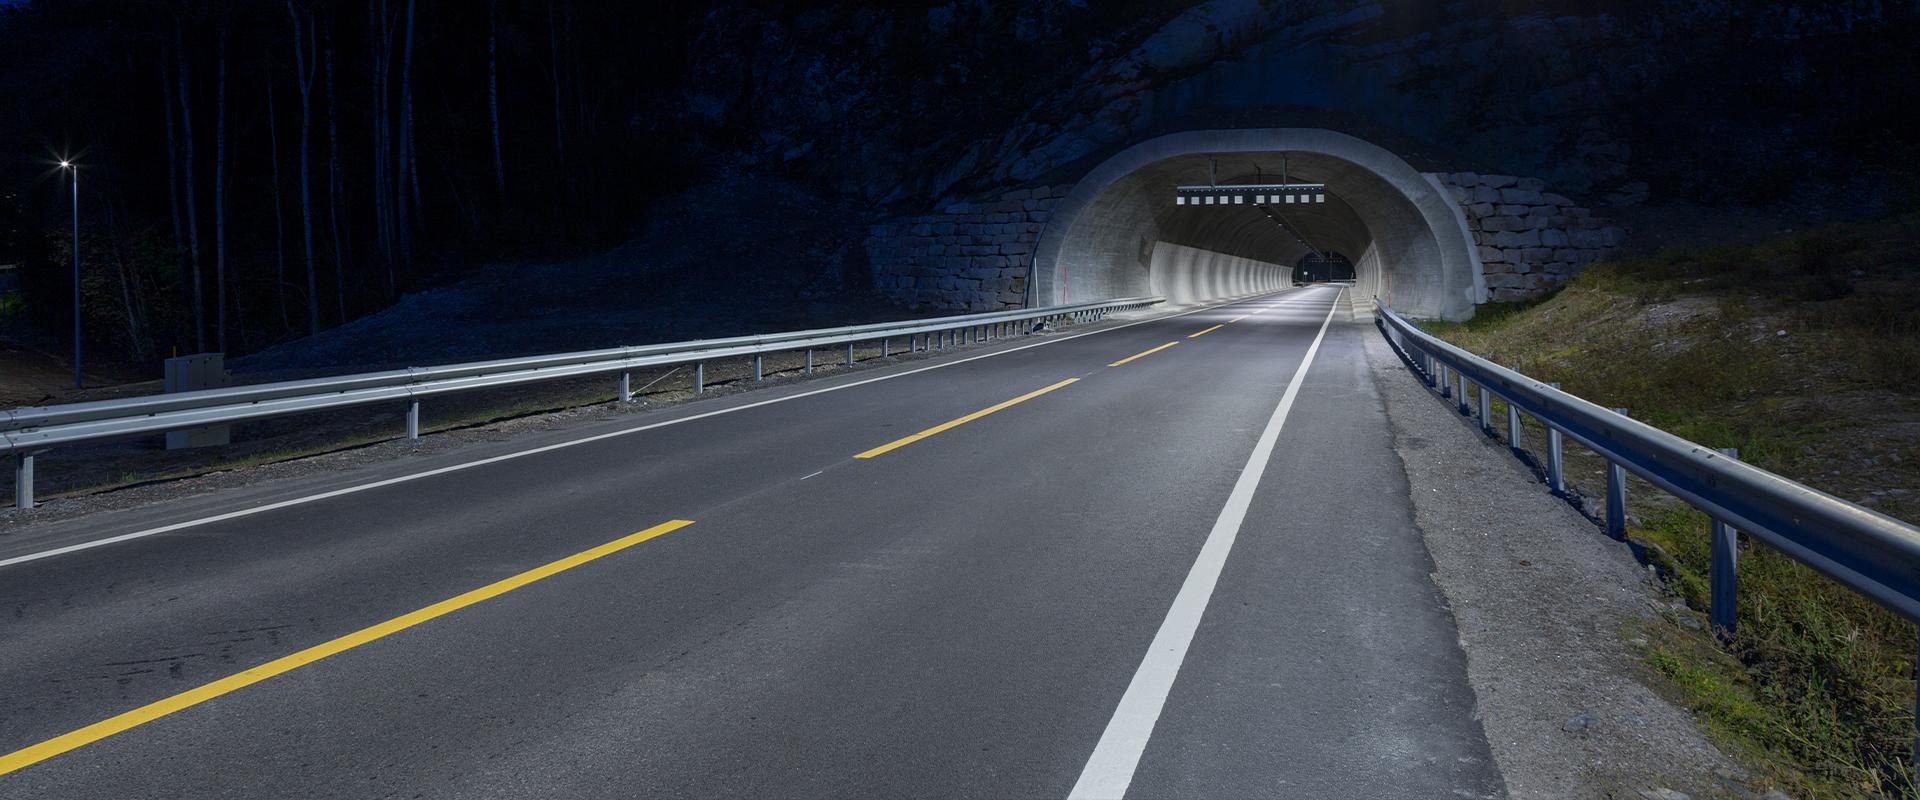 Faro LED per tunnel